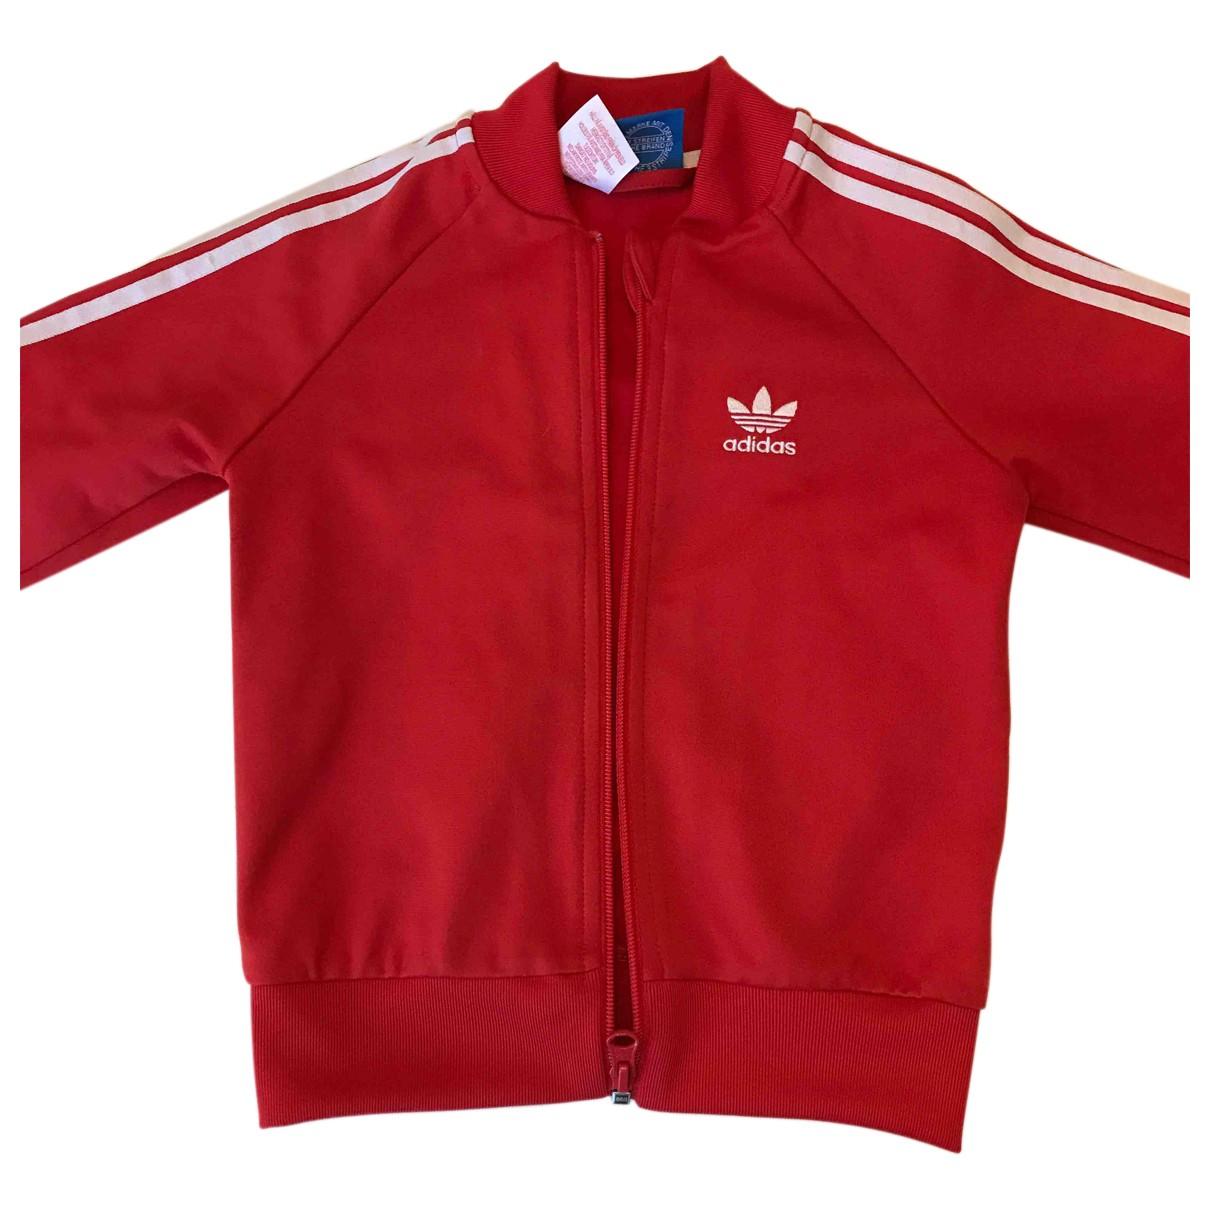 Adidas \N Jacke, Maentel in  Rot Polyester